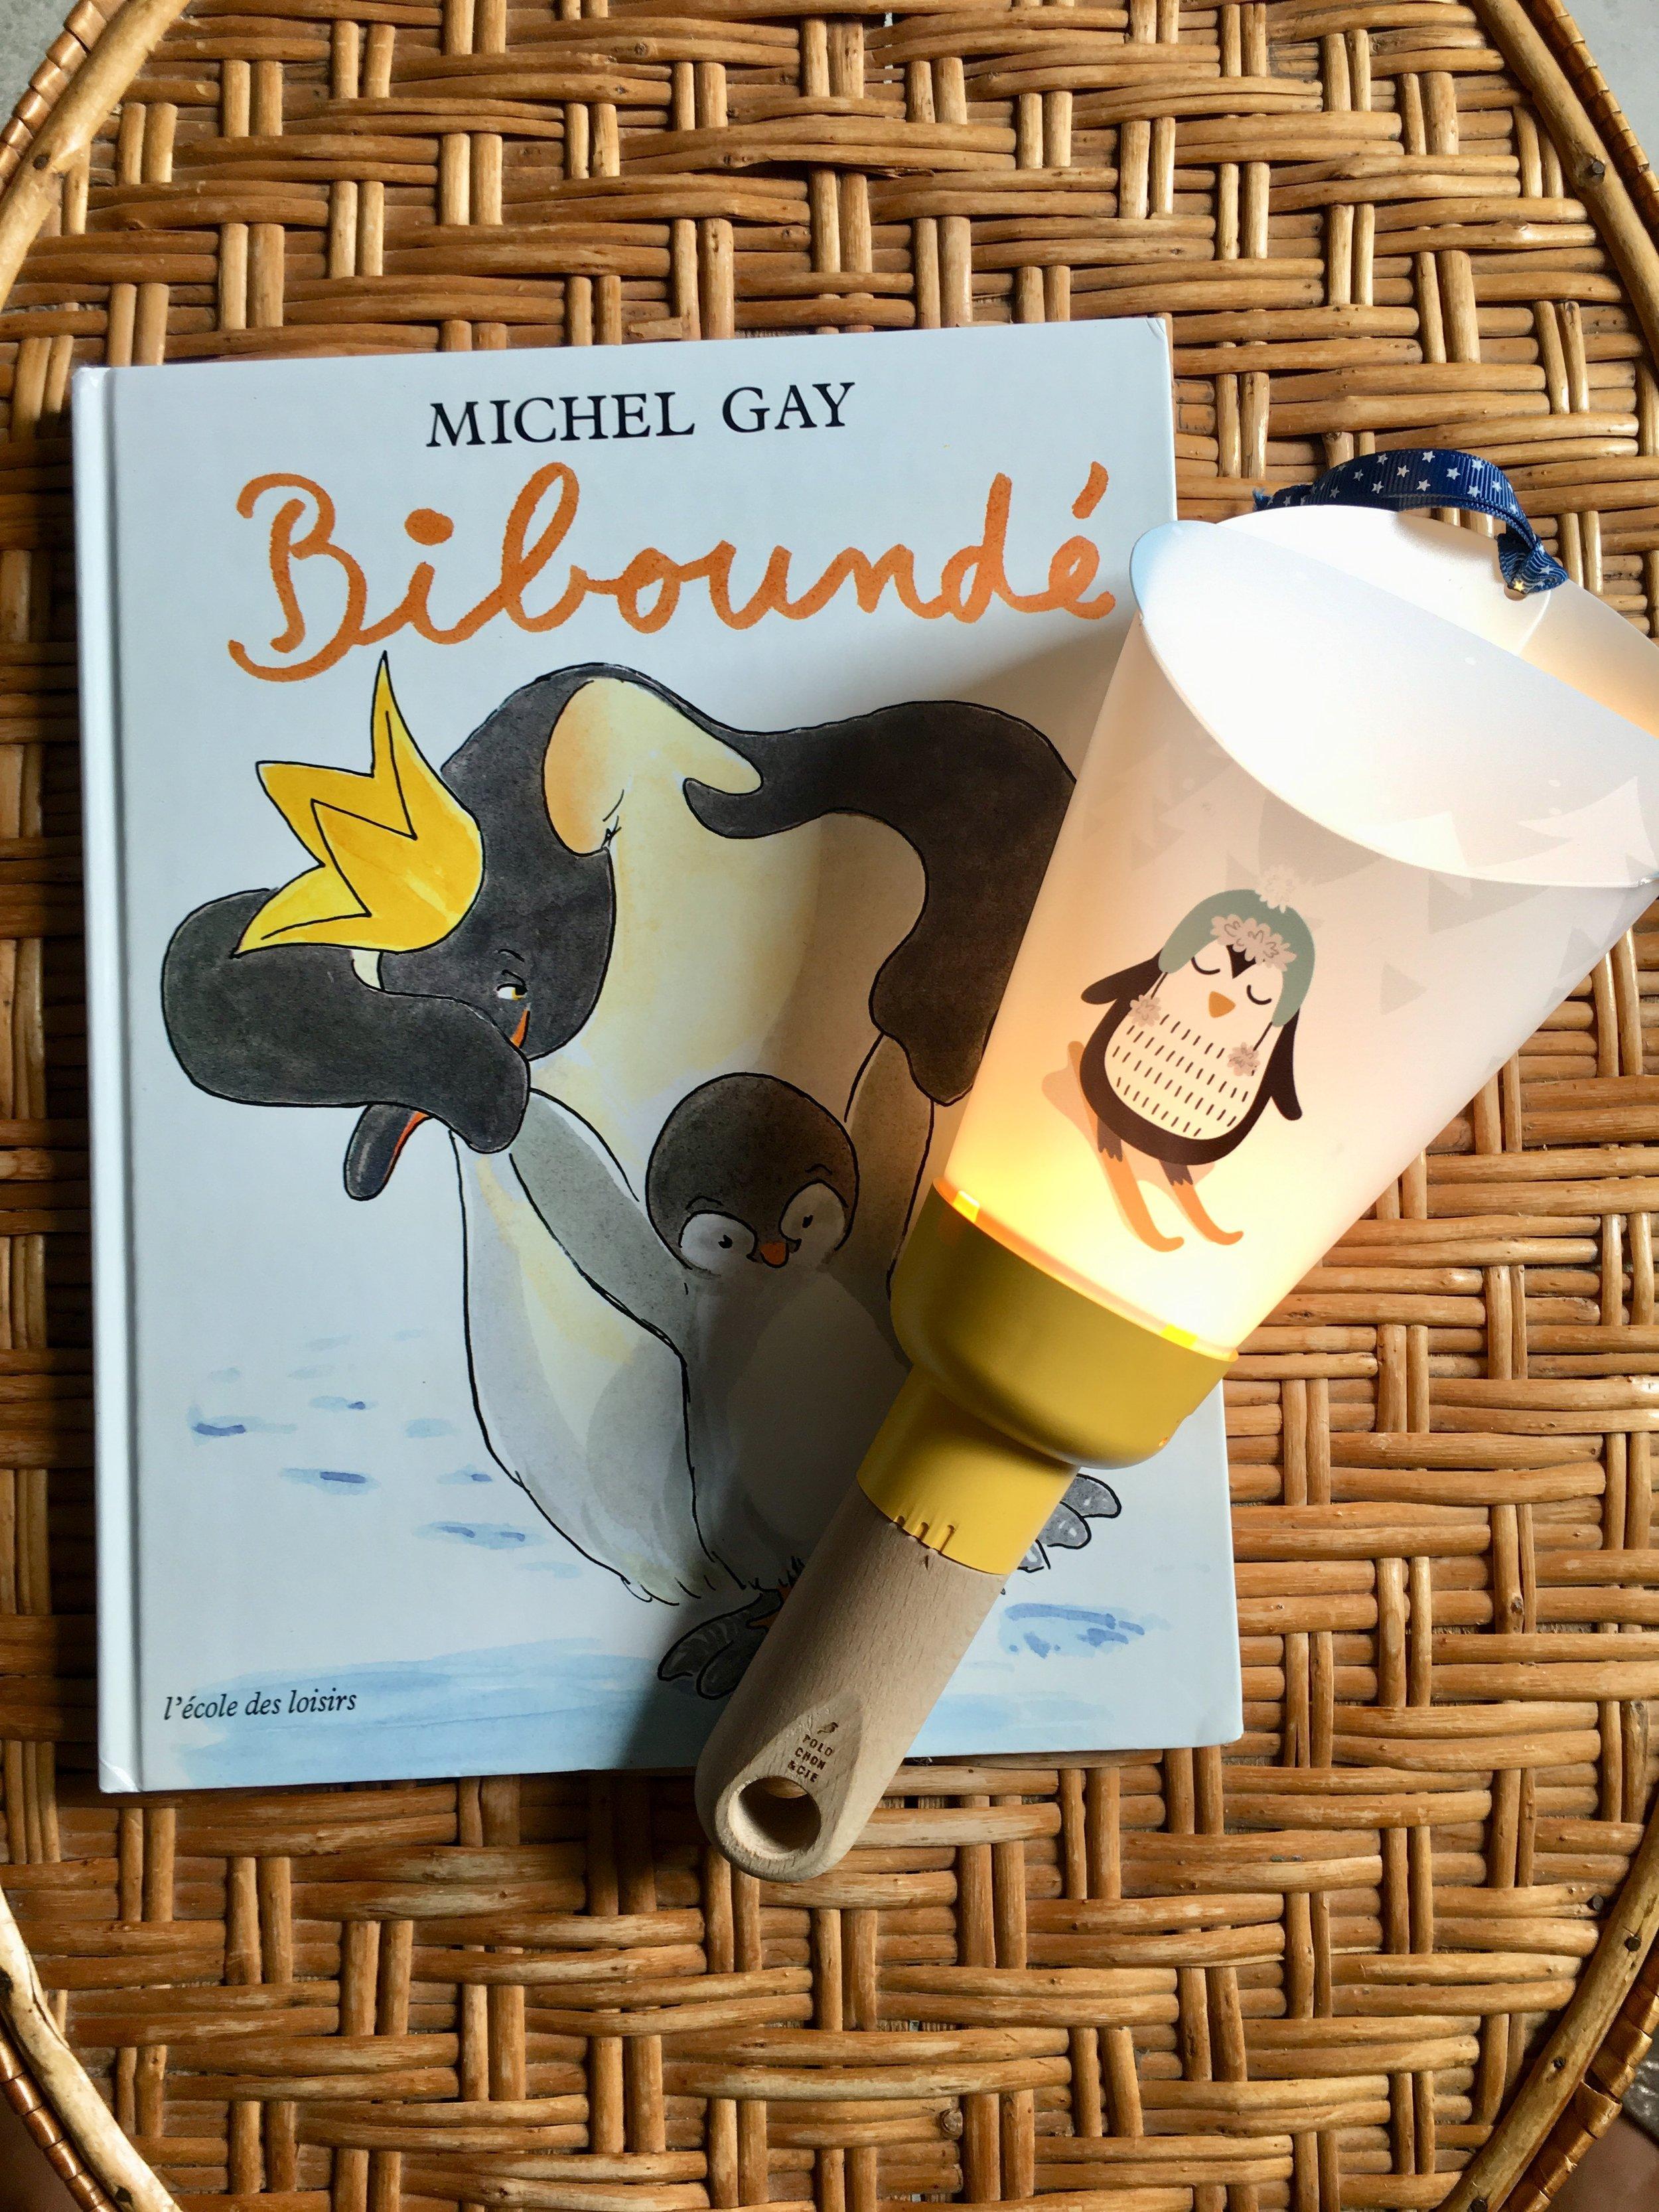 lampe noamde pinguin avec livre.jpg